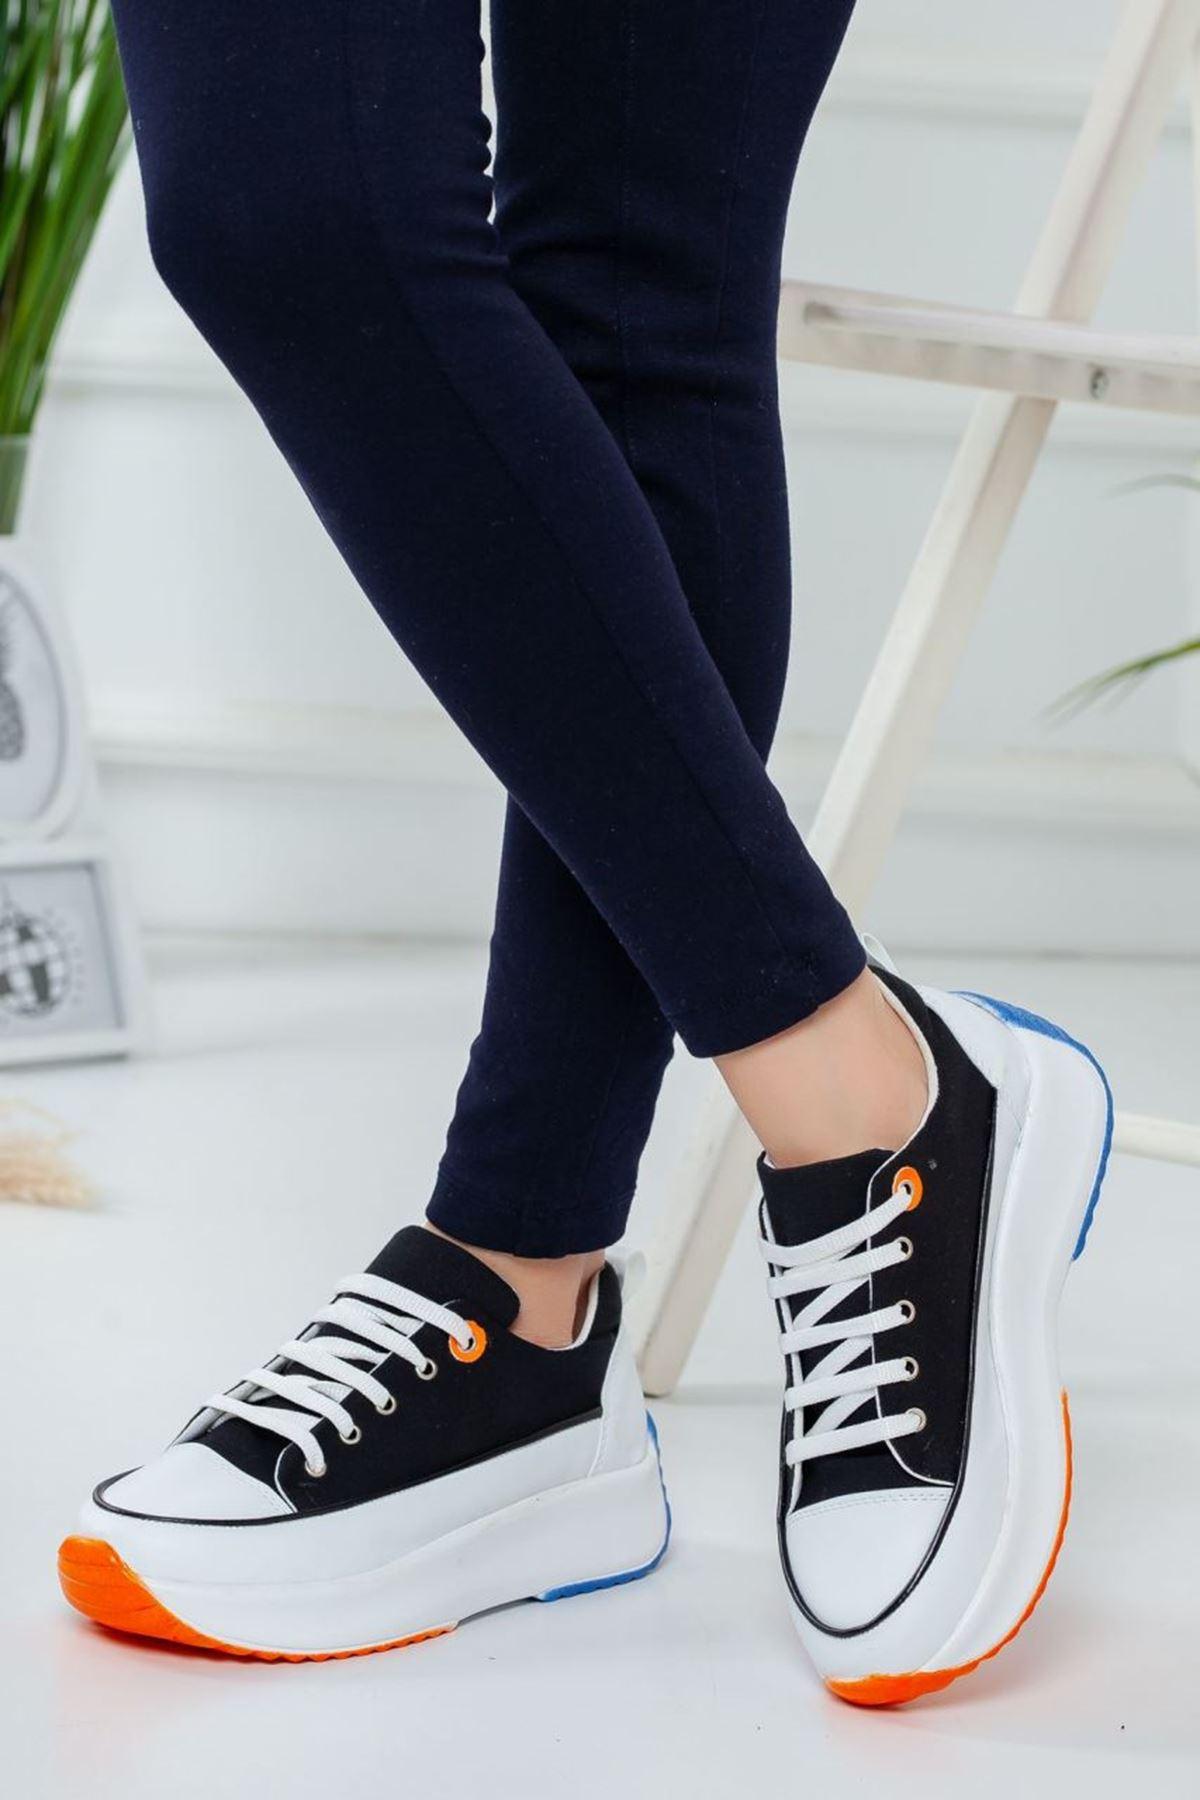 Kadın Casper Kalın Taban Spor Ayakkabı Beyaz Siyah Kot